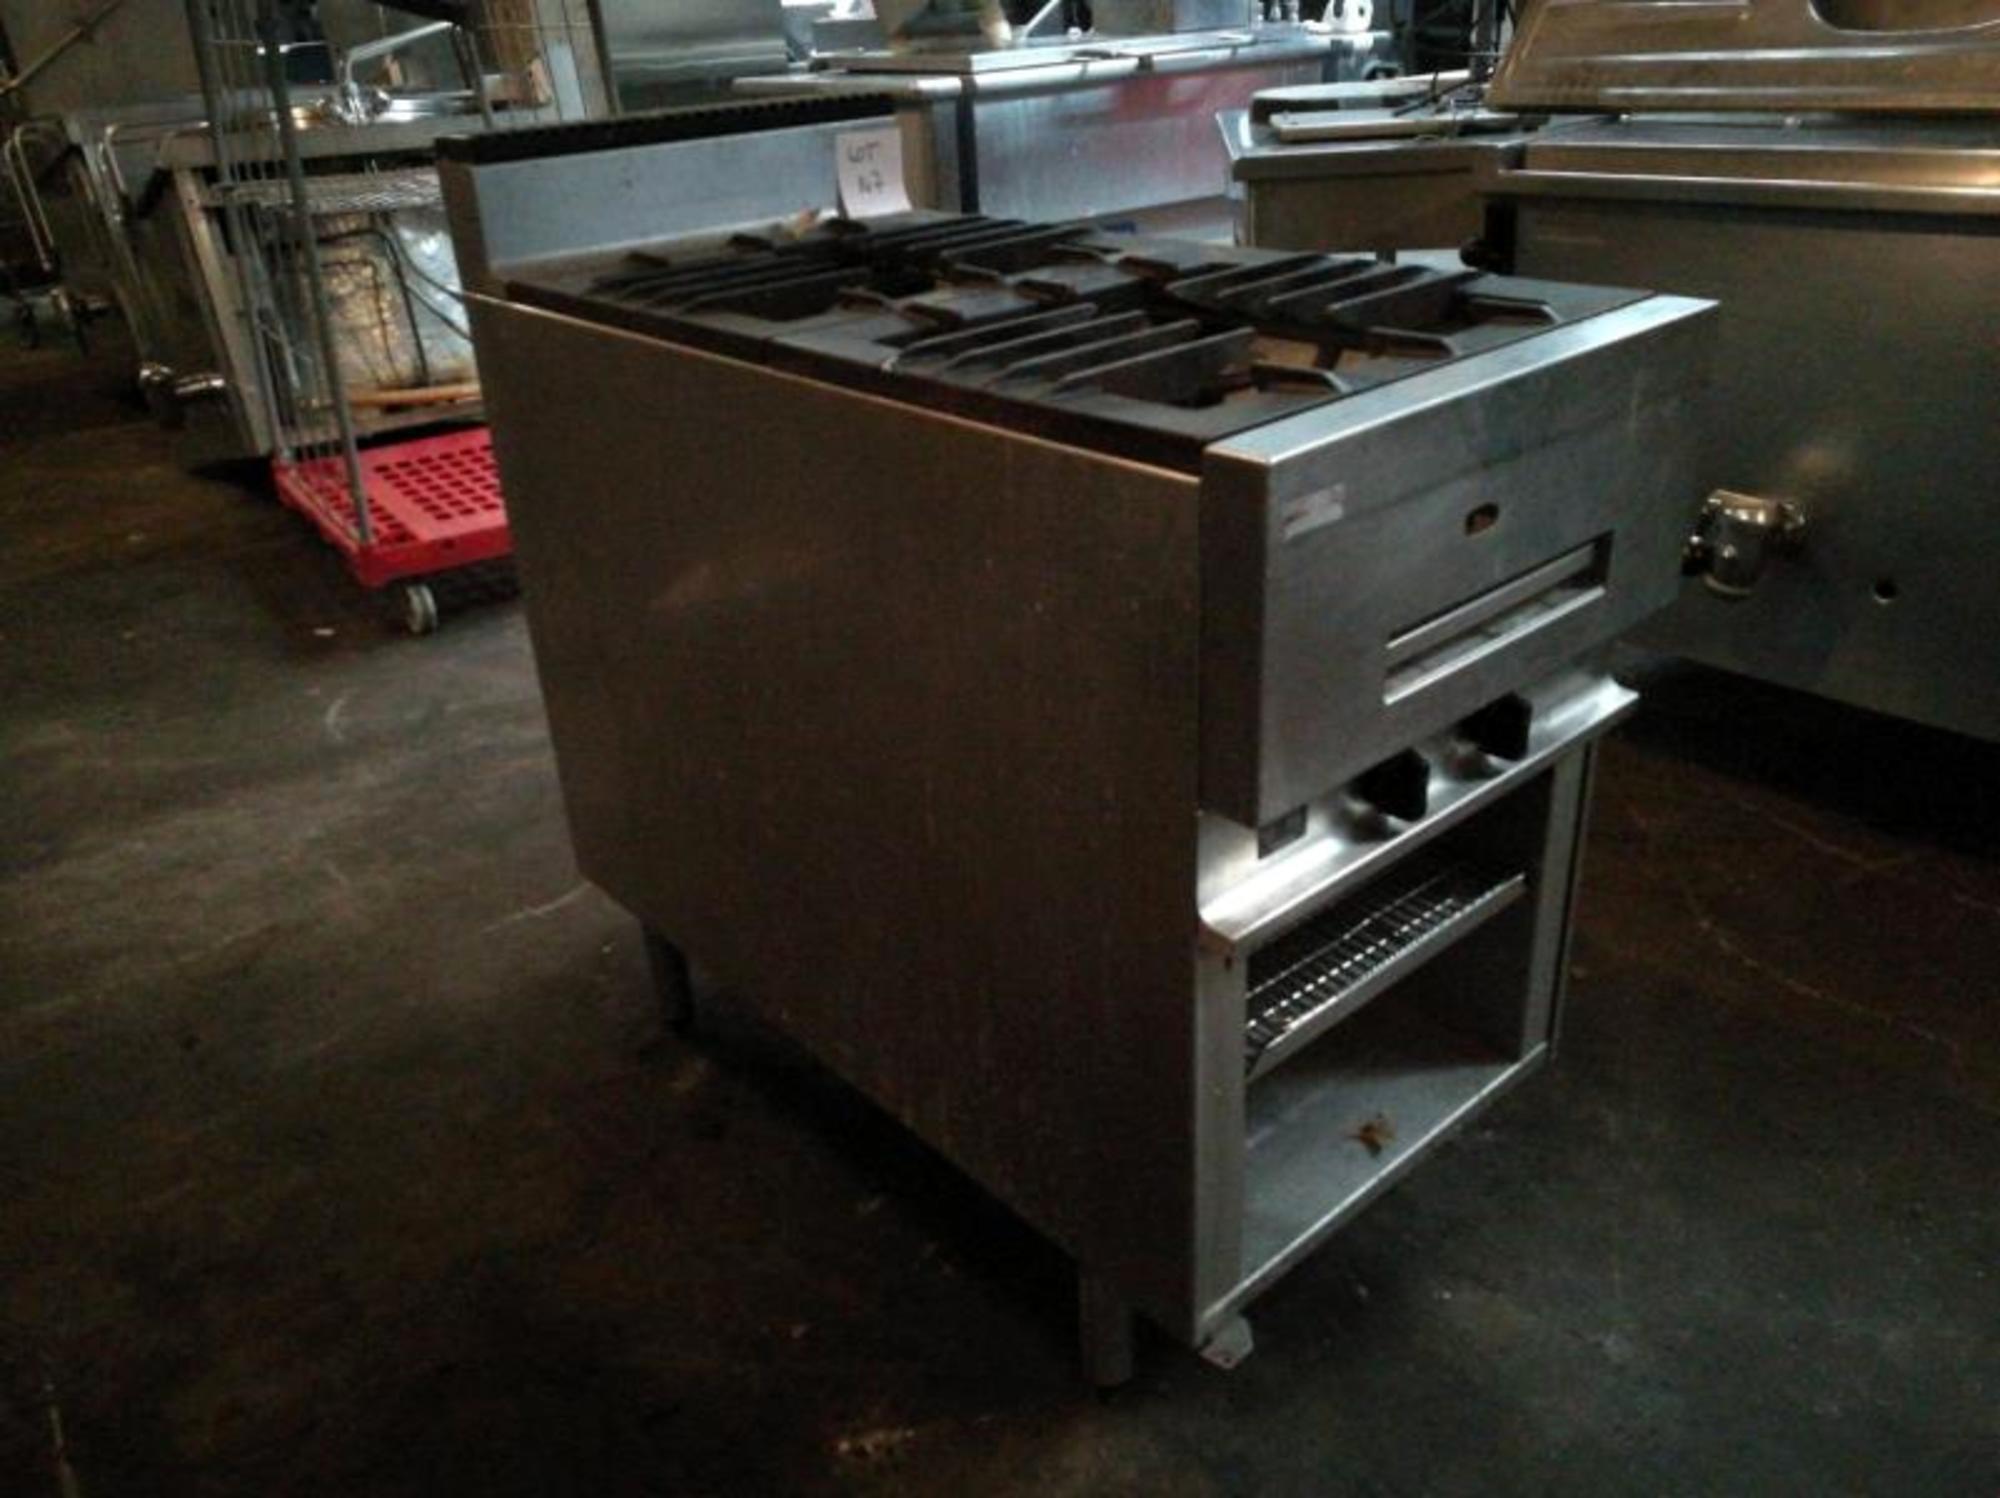 Piano de cuisson lot 147 equipement de cuisine d for Piano de cuisine d occasion